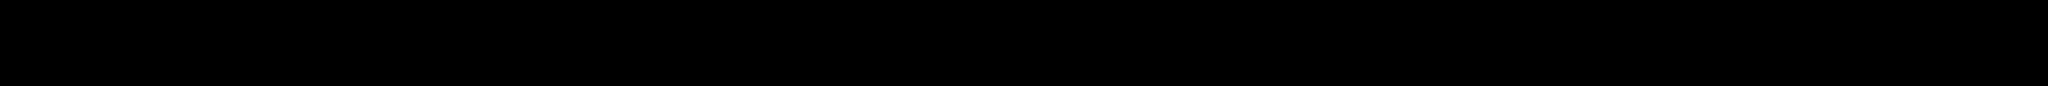 BREMBO 1K0698151, 1K0698151C, 1K0698151E, 3C0698151, 3C0698151B Bremsekloss sett